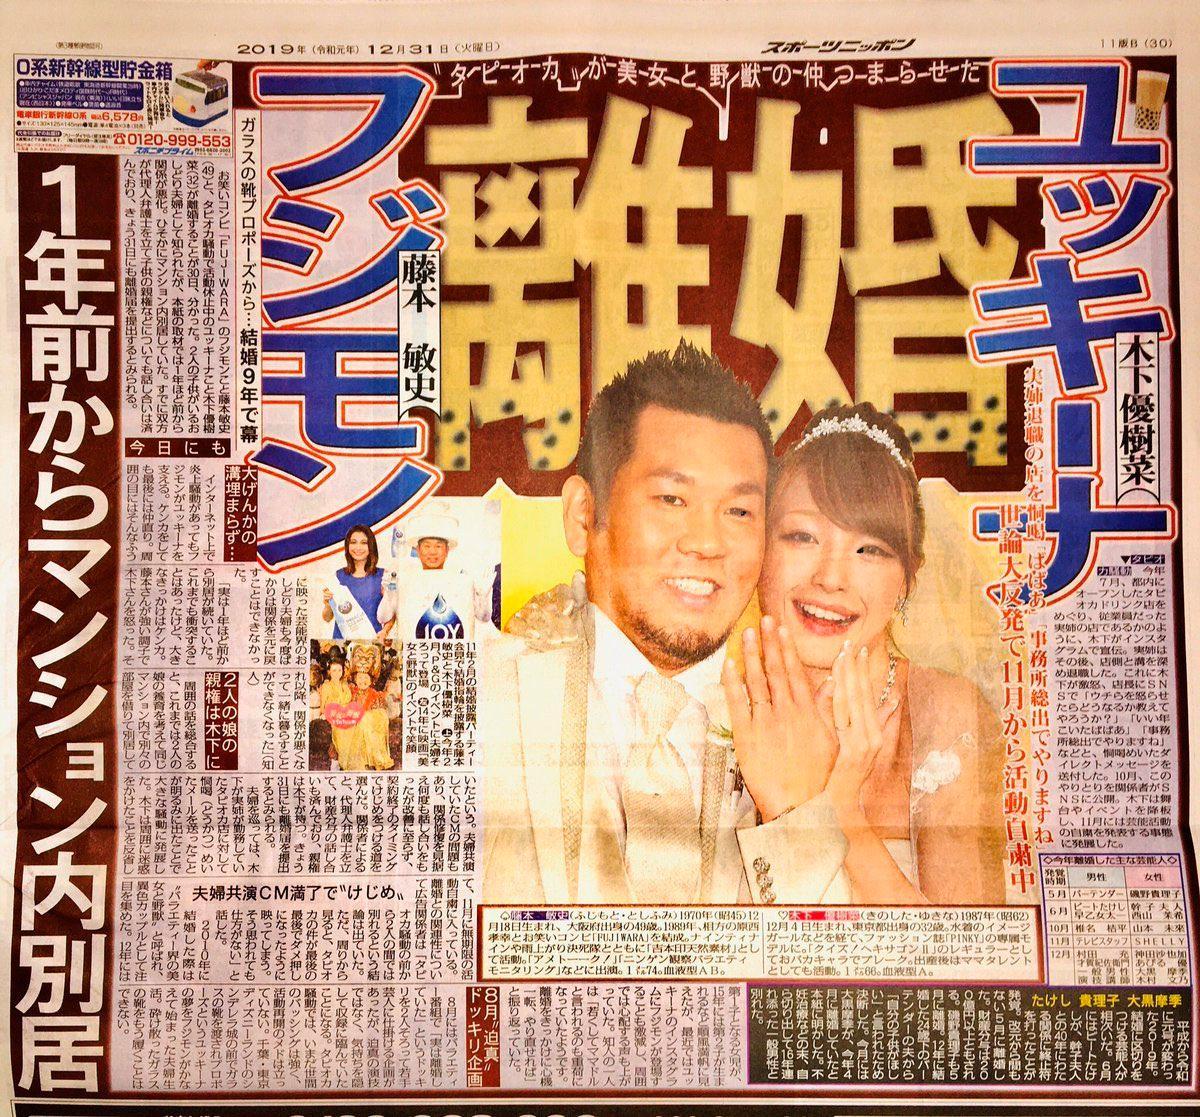 【速報】木下優樹菜さん藤本敏史さんタピオカ離婚へ【金の切れ目が…】